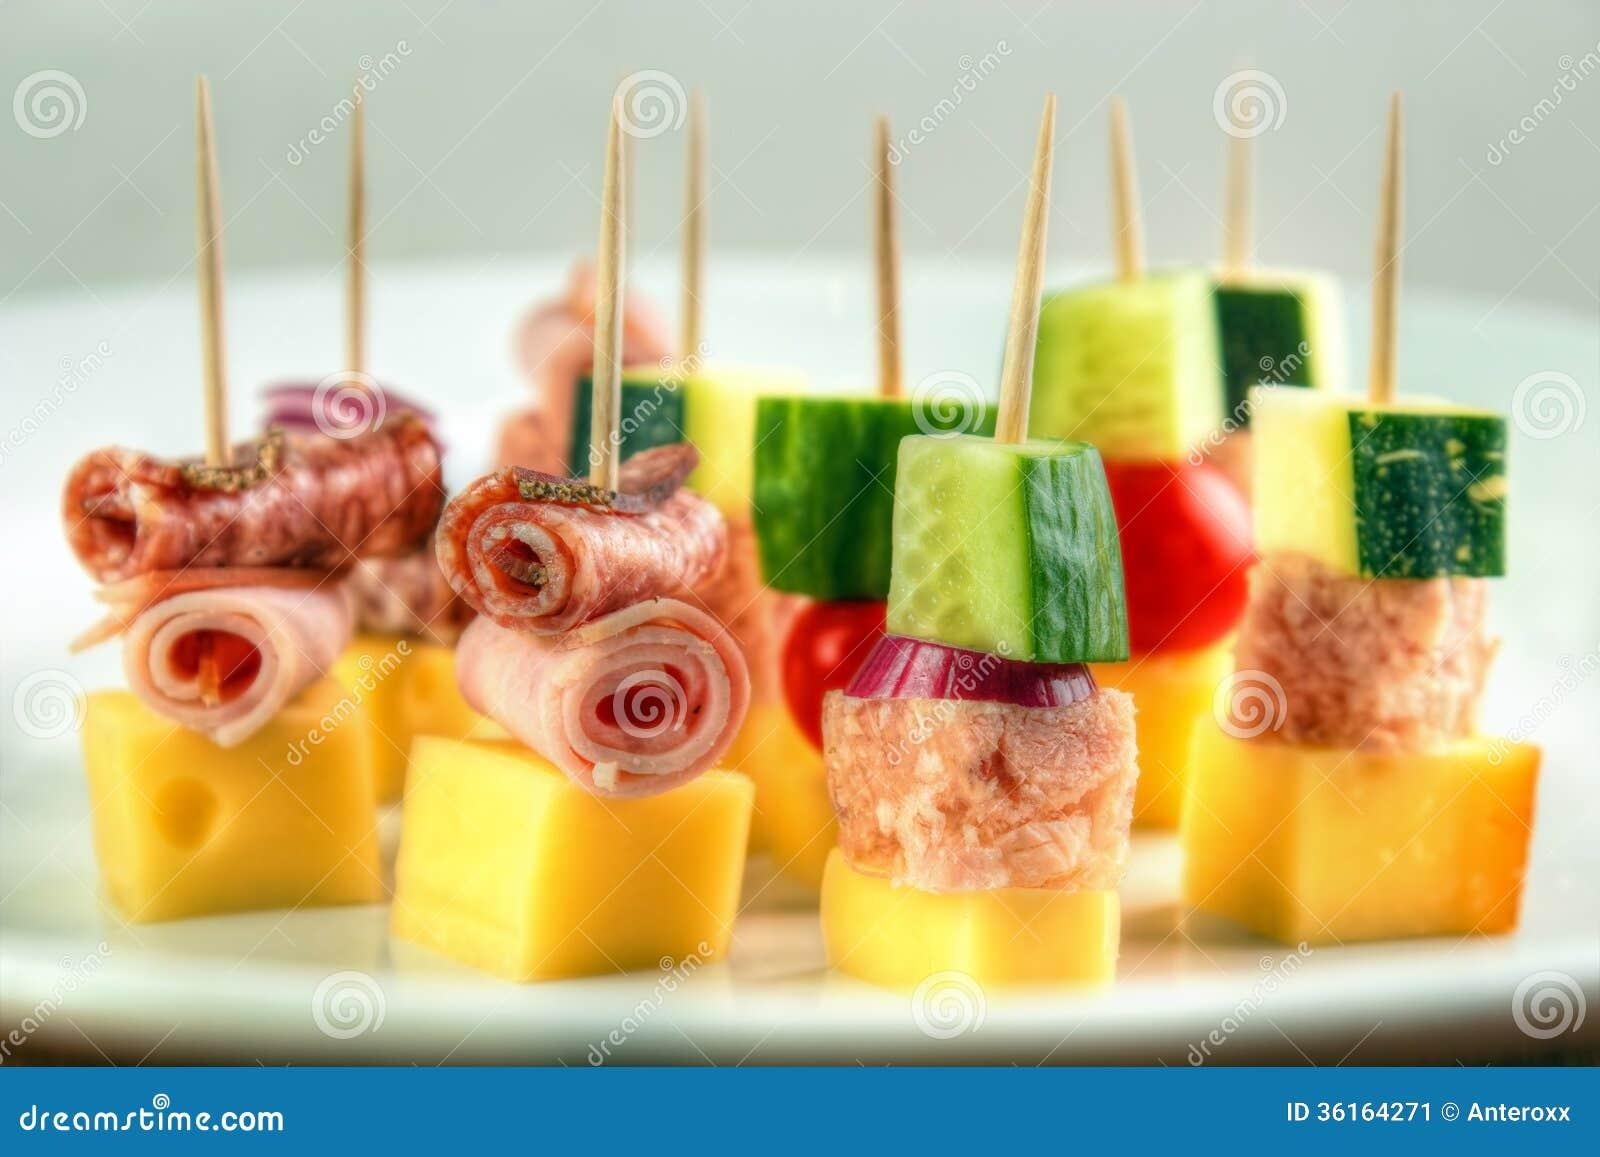 cocktail stick snacks stock image image 36164271. Black Bedroom Furniture Sets. Home Design Ideas